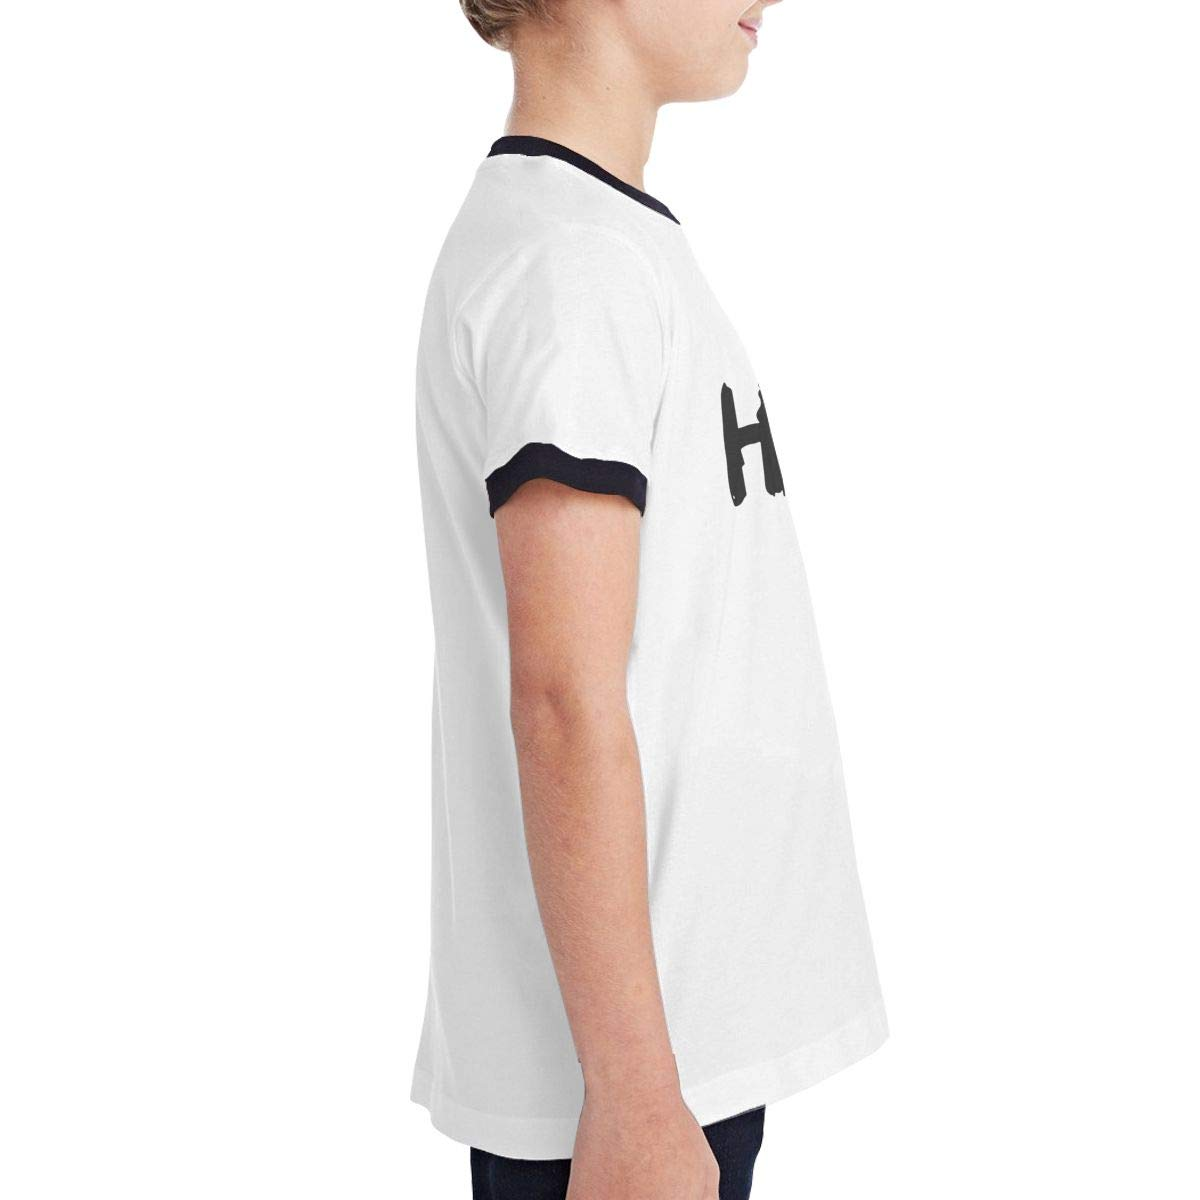 Robert S Villa Hanson Band Comfortable Teen BoyTeen Contrast T-Shirt Cotton,Size:S-XL